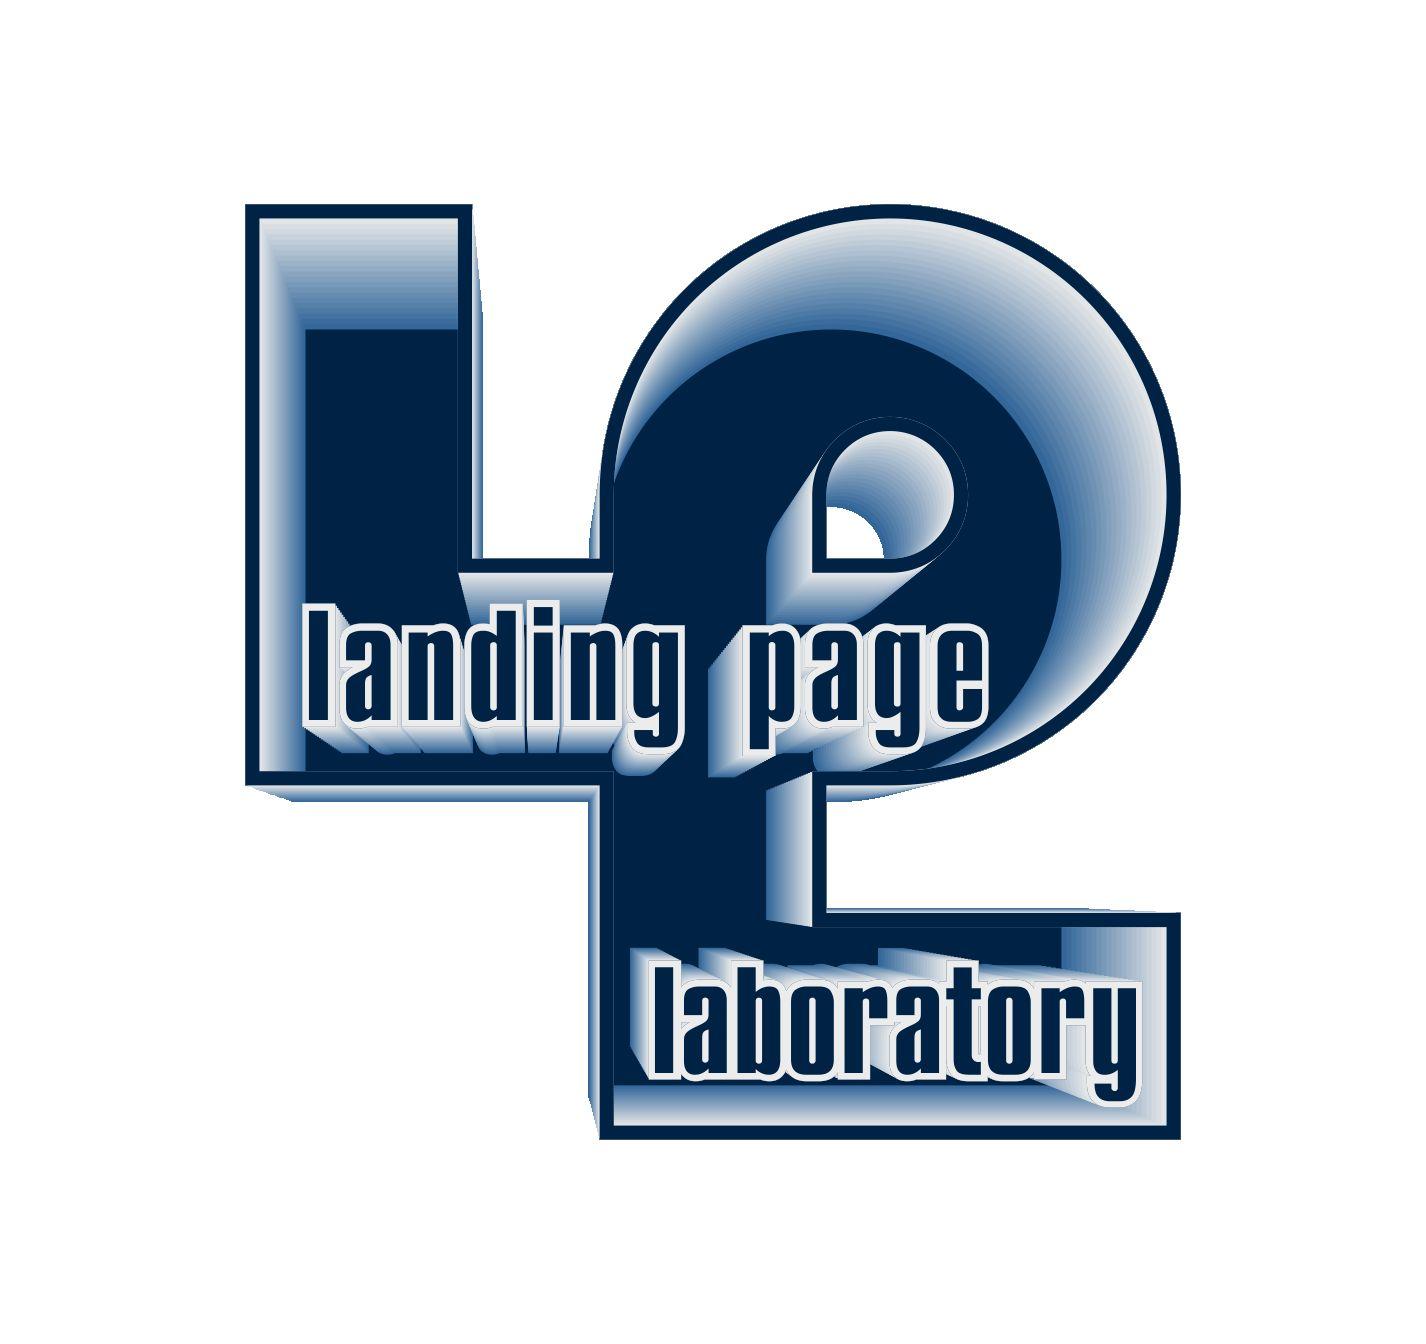 Логотип для диджитал агенства - дизайнер bor23